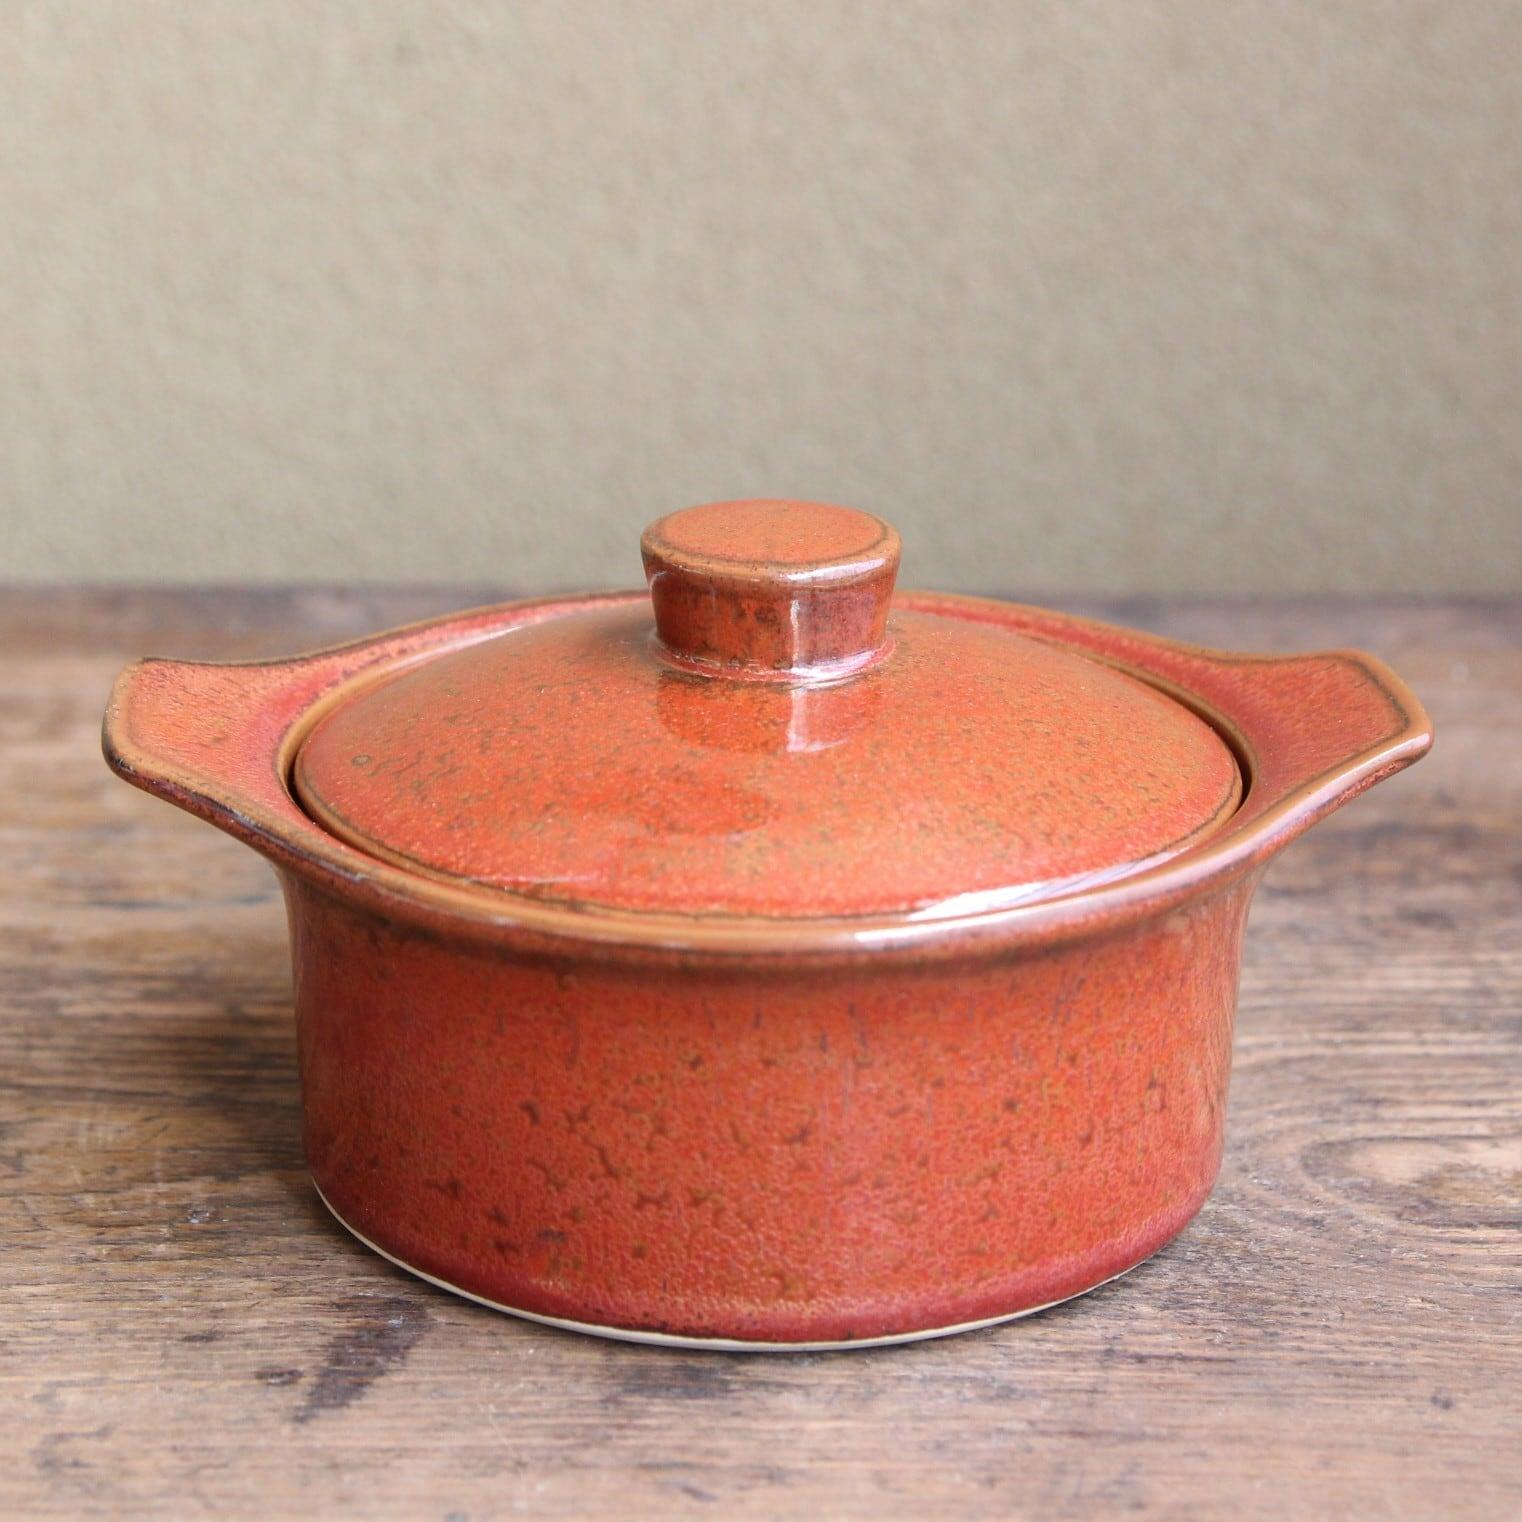 曽根陶器 窯変 ストーンウェア ココット